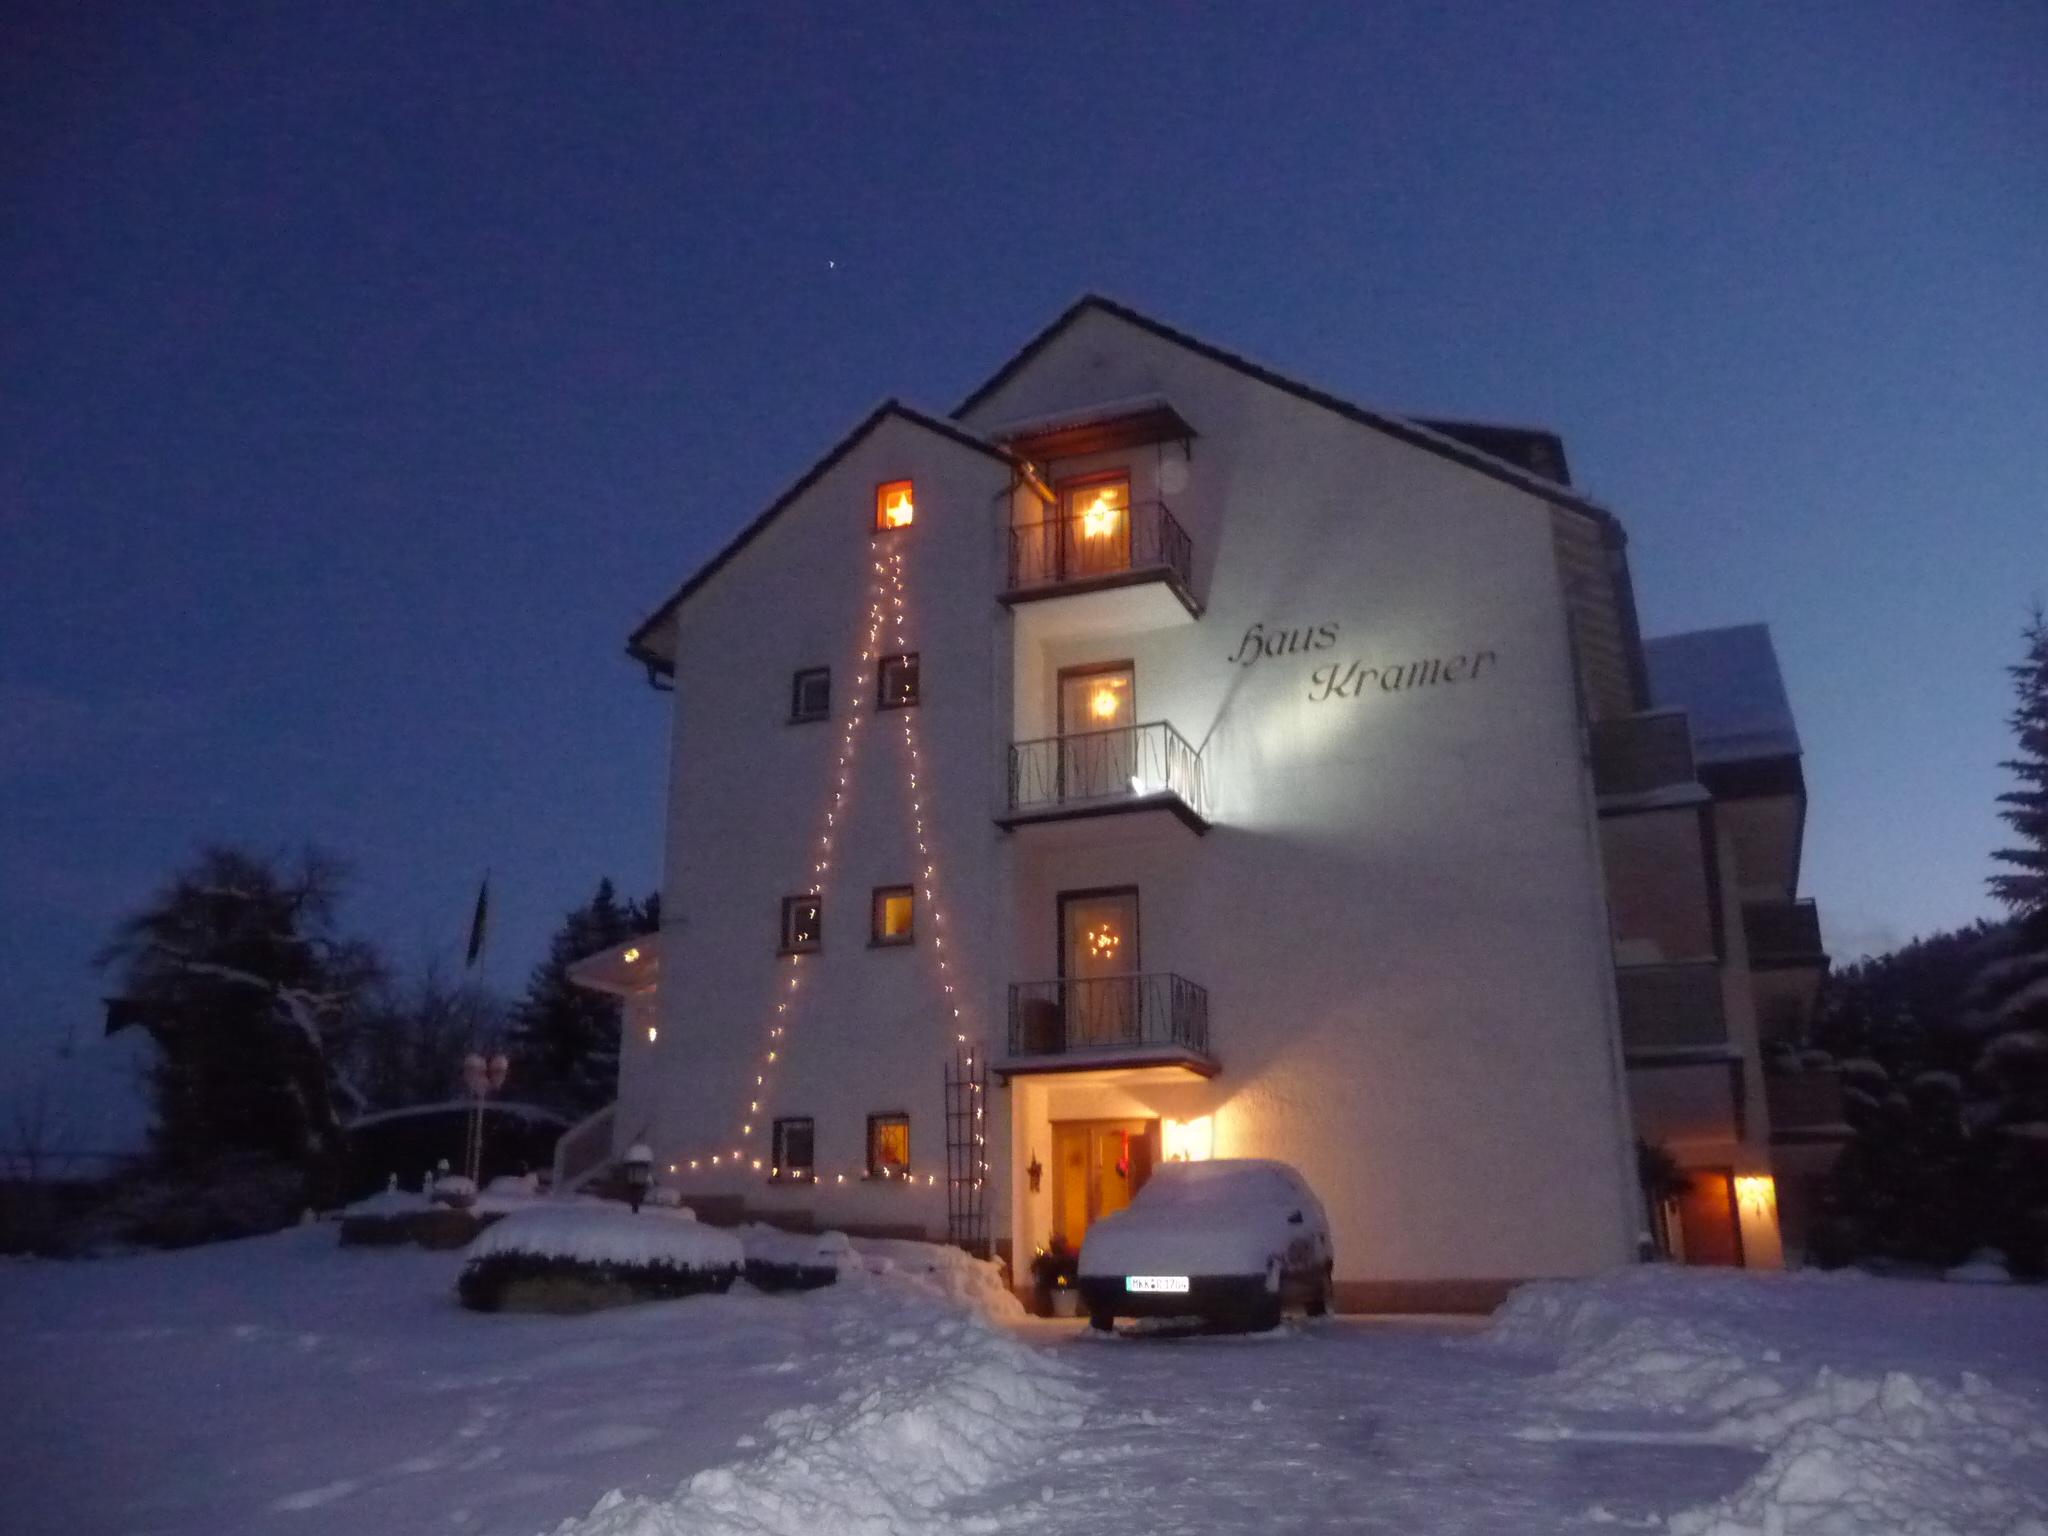 Großartig Staggering Bad Staffelstein Hotel Galerie - Heimat Ideen ...